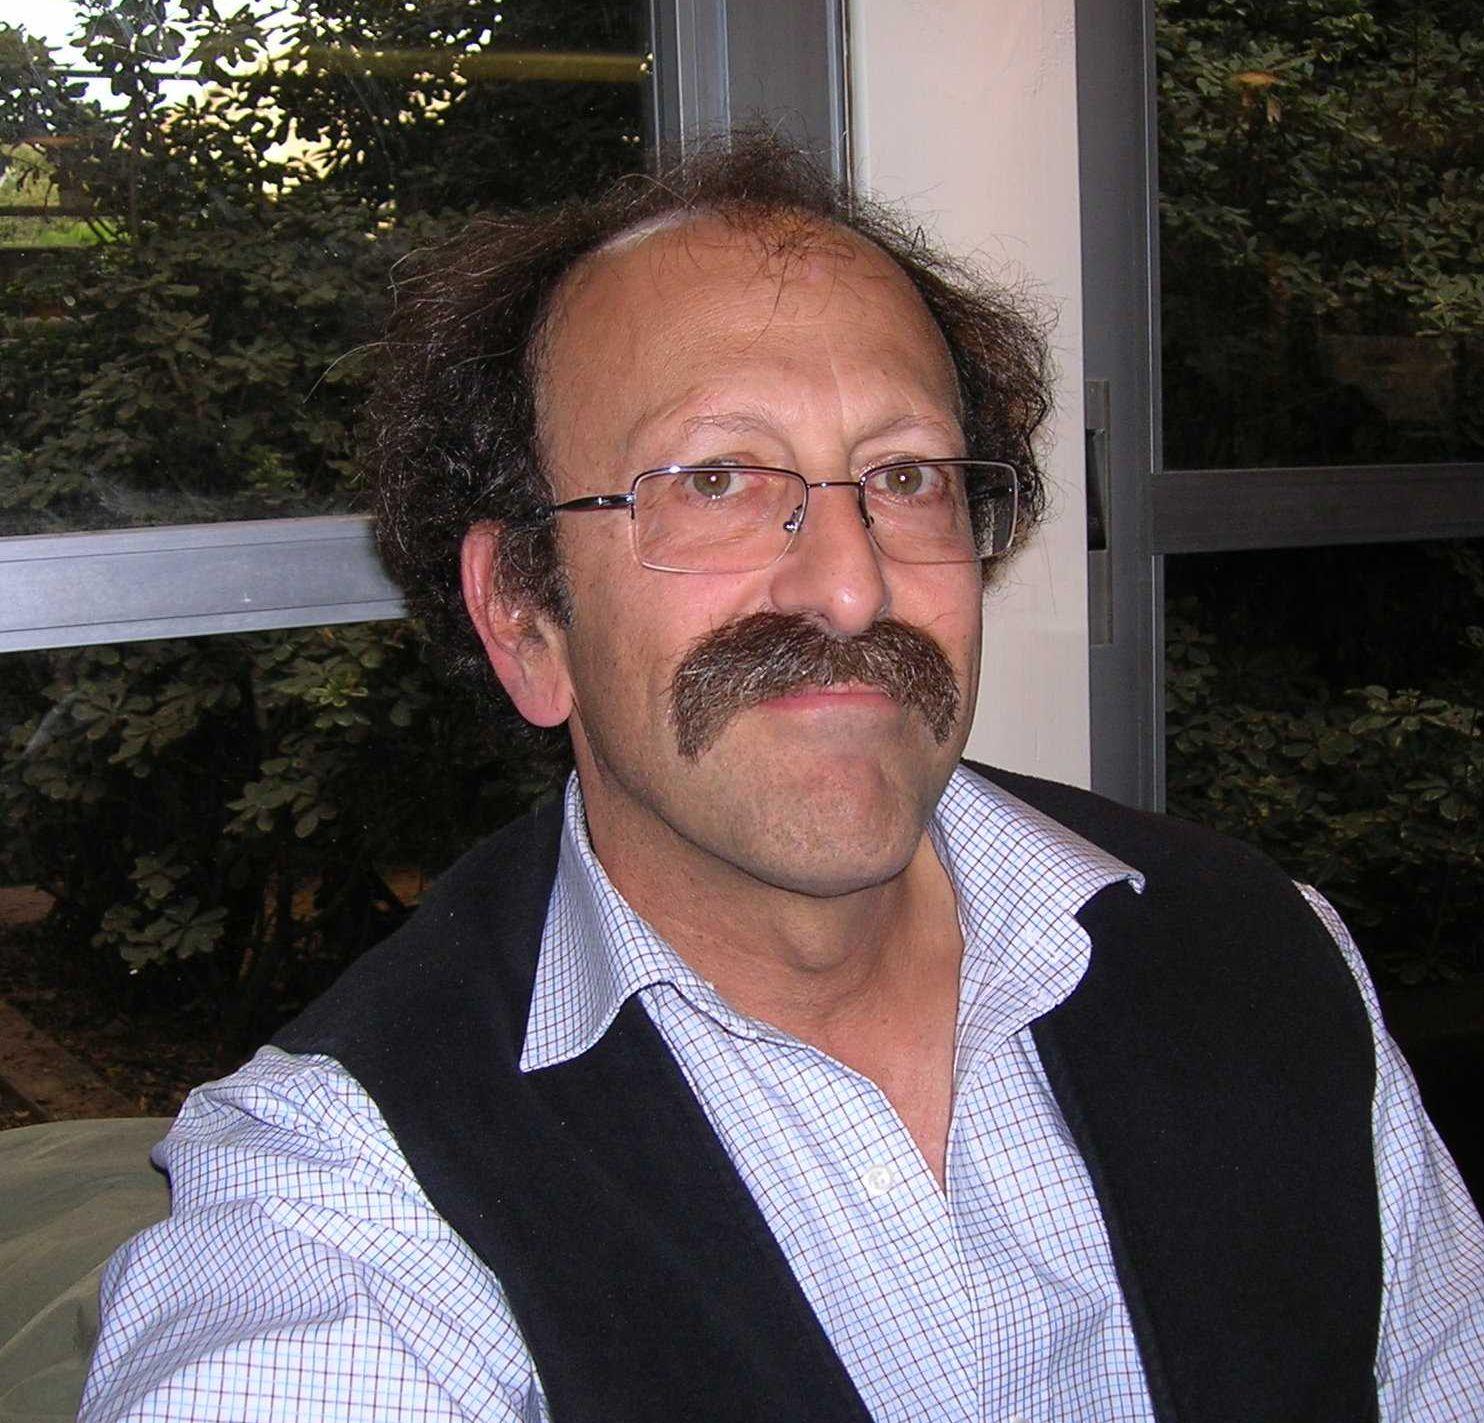 David Shulman, 2008